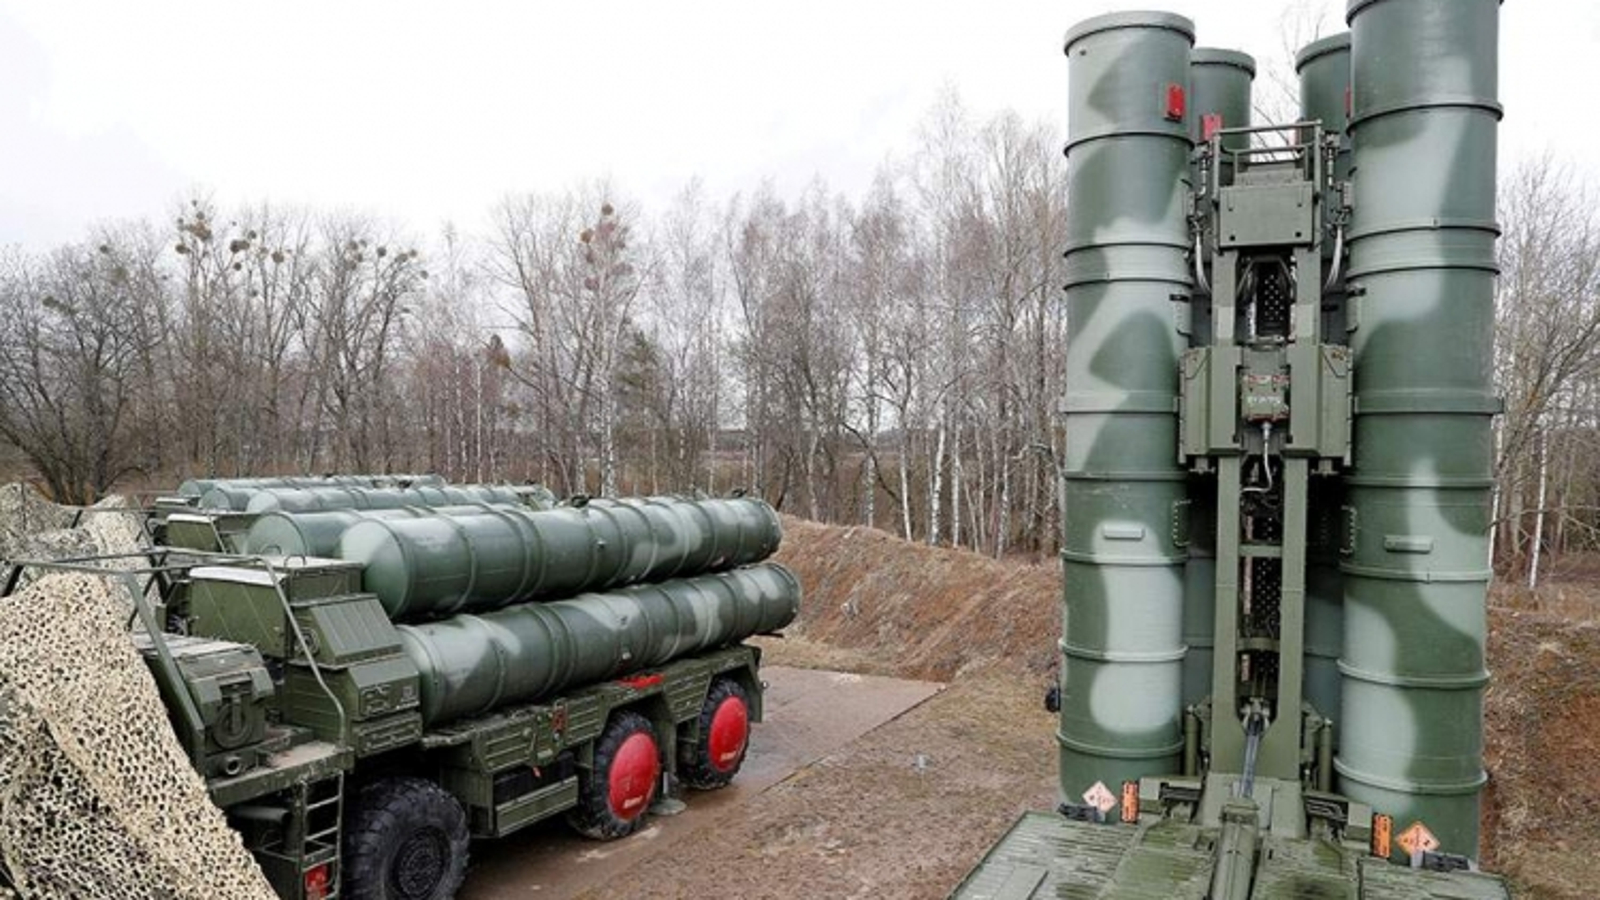 Thổ Nhĩ Kỳ thử nghiệm S-400,làm gia tăng căng thẳng với Mỹ